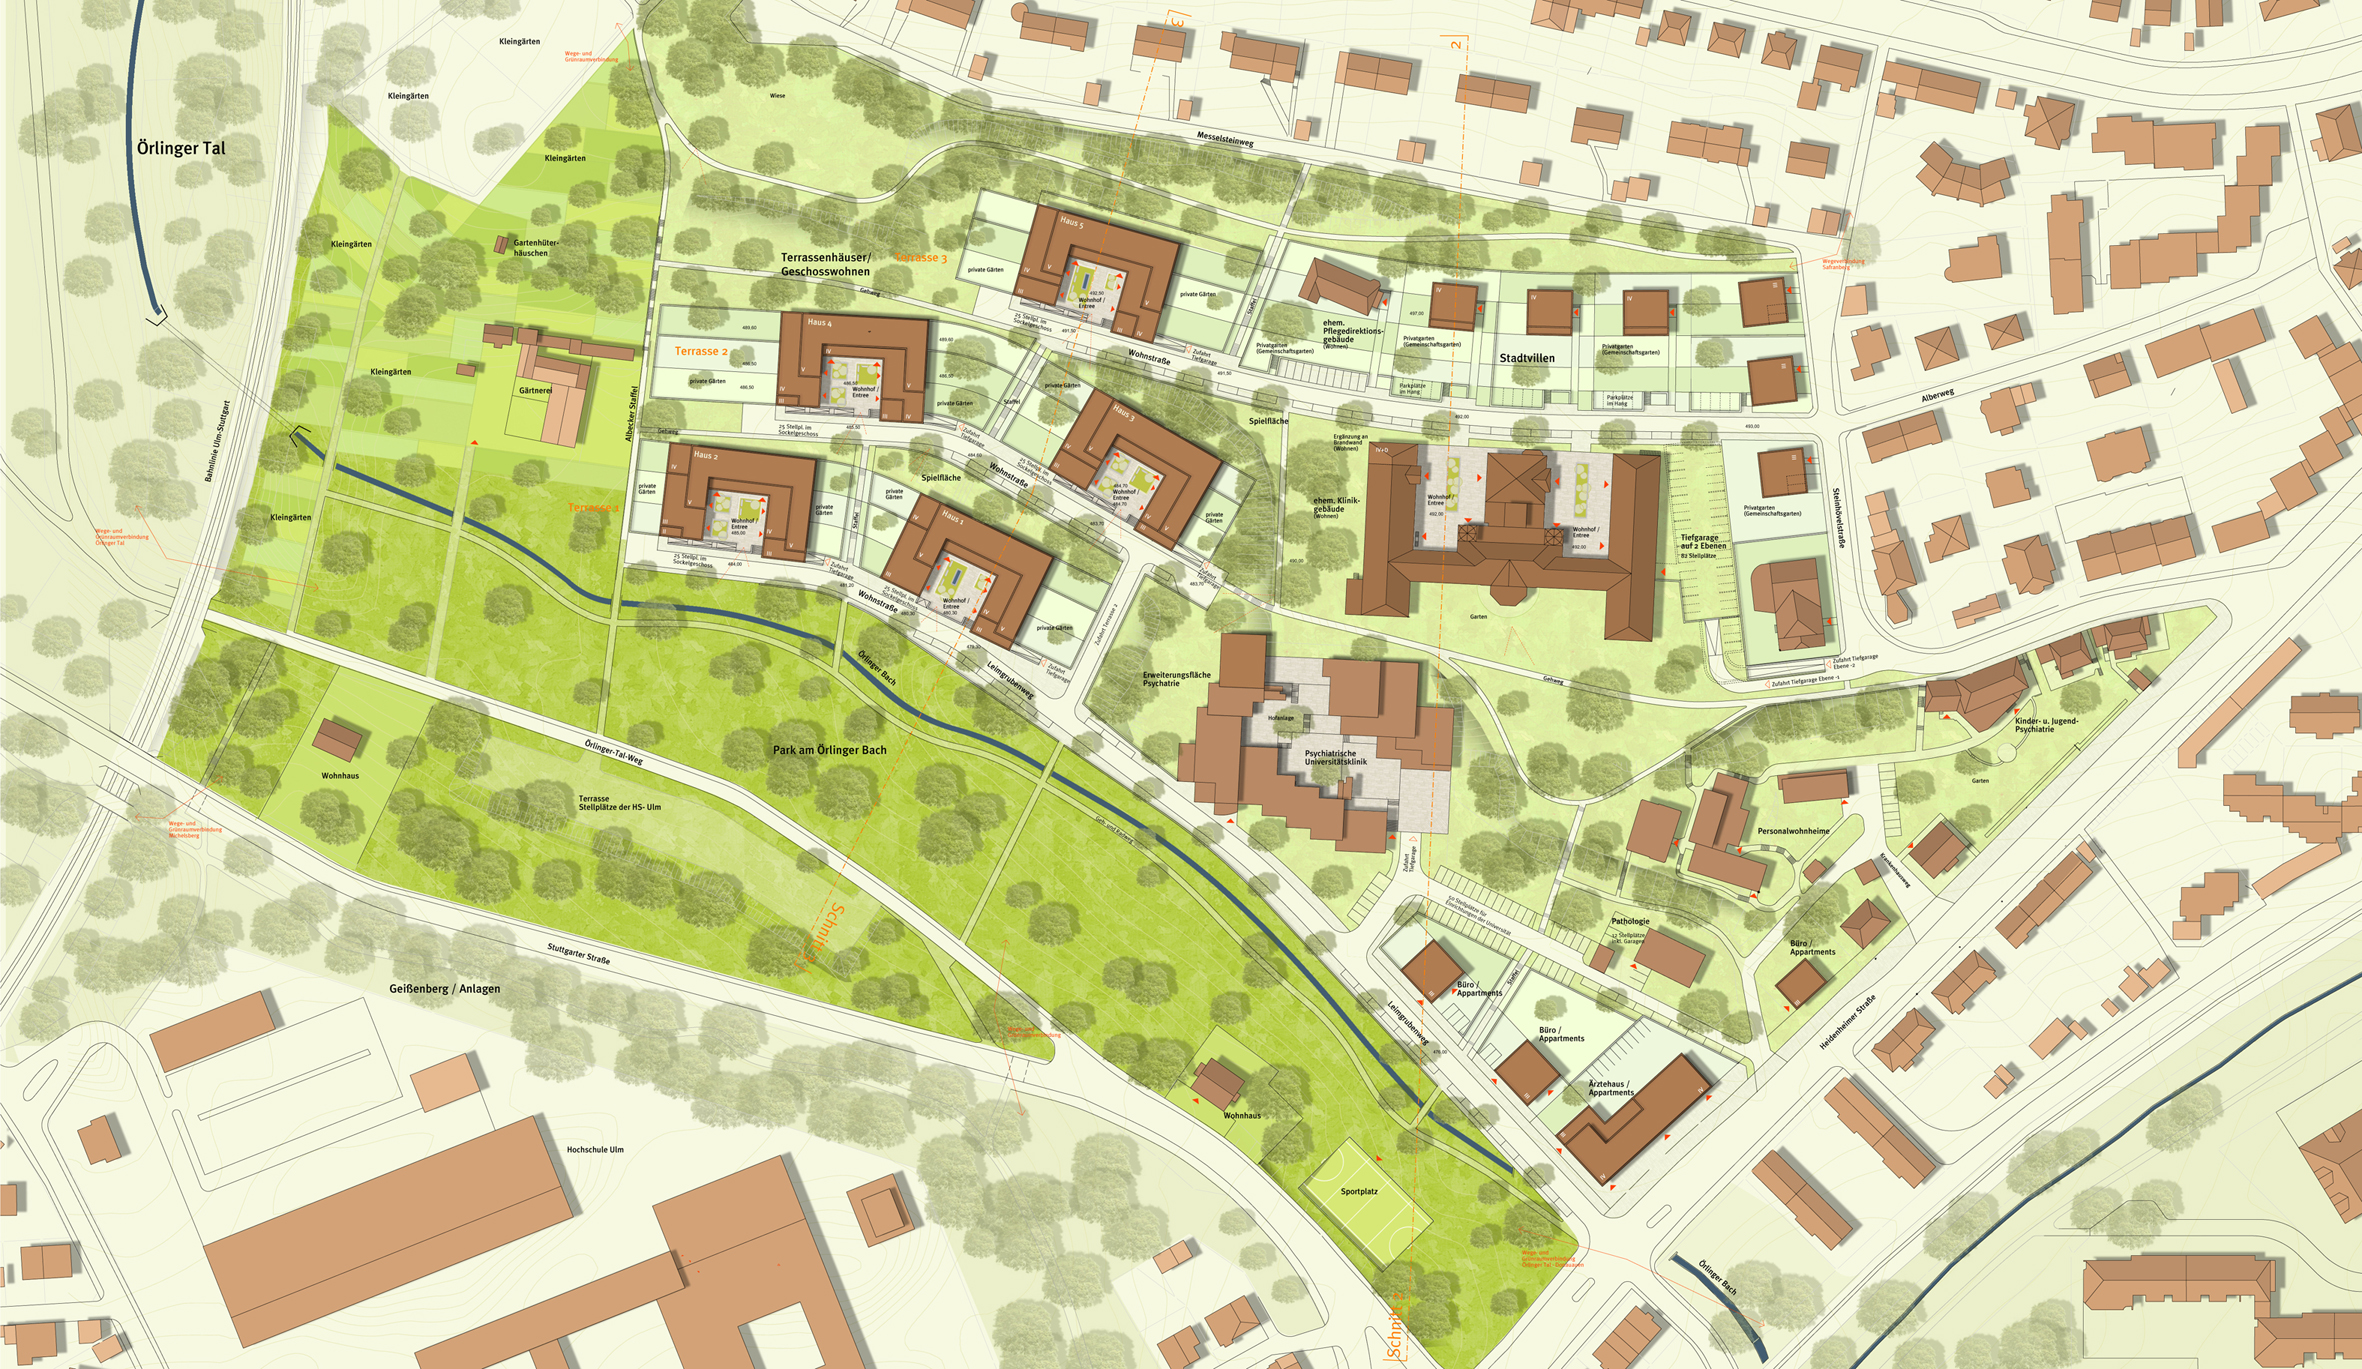 054+Safranberg+Ulm+-+Lage500.jpg